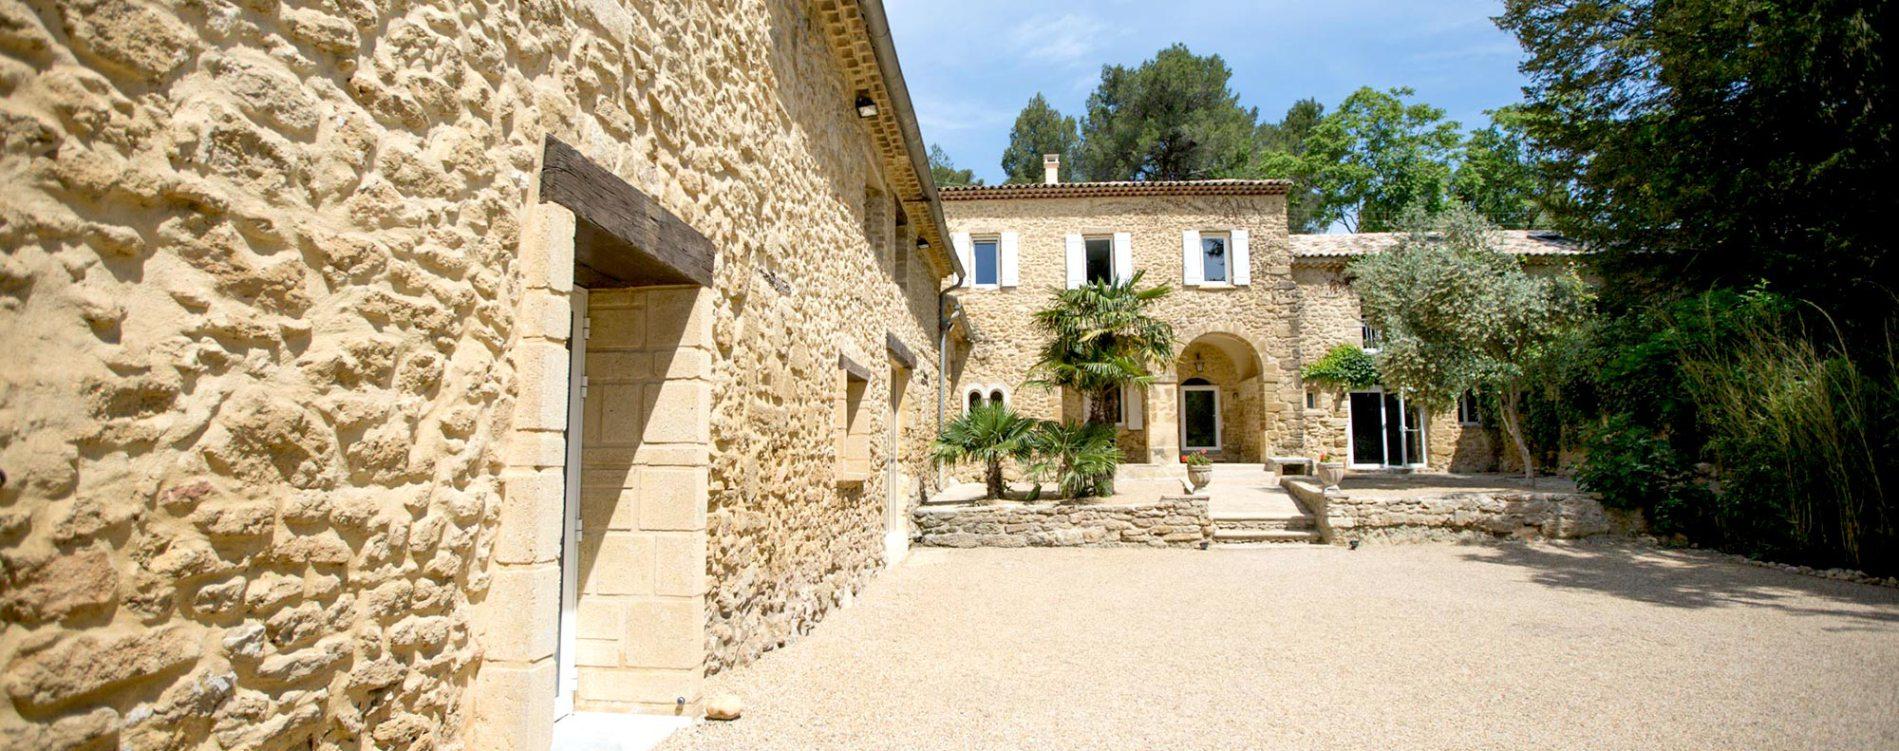 Abbaye du Grand Gigognan jardin